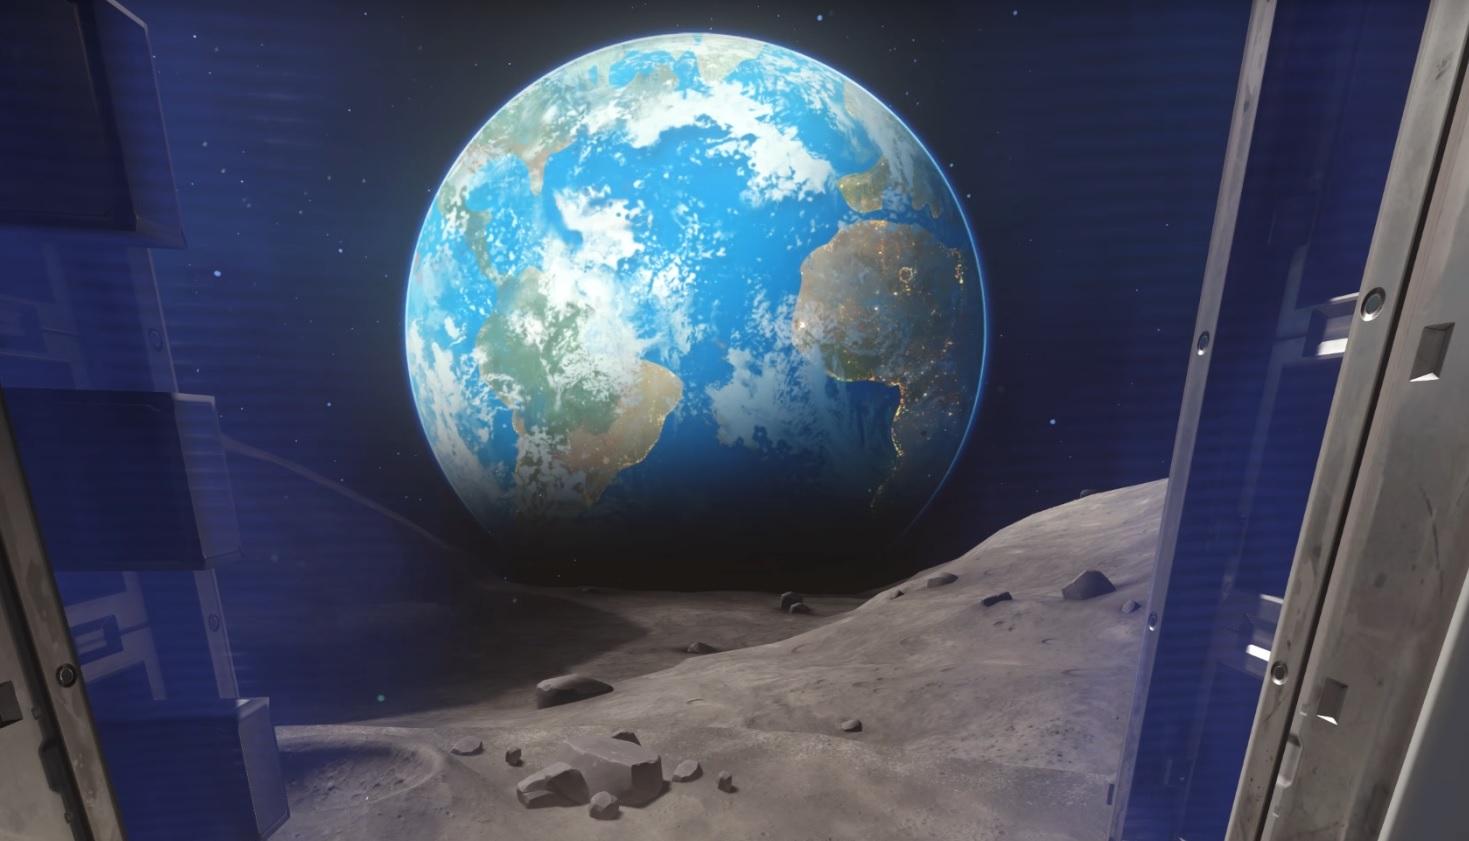 Overwatch: Easter-Egg mit neuen Voicelines auf der Mondkolonie Horizon